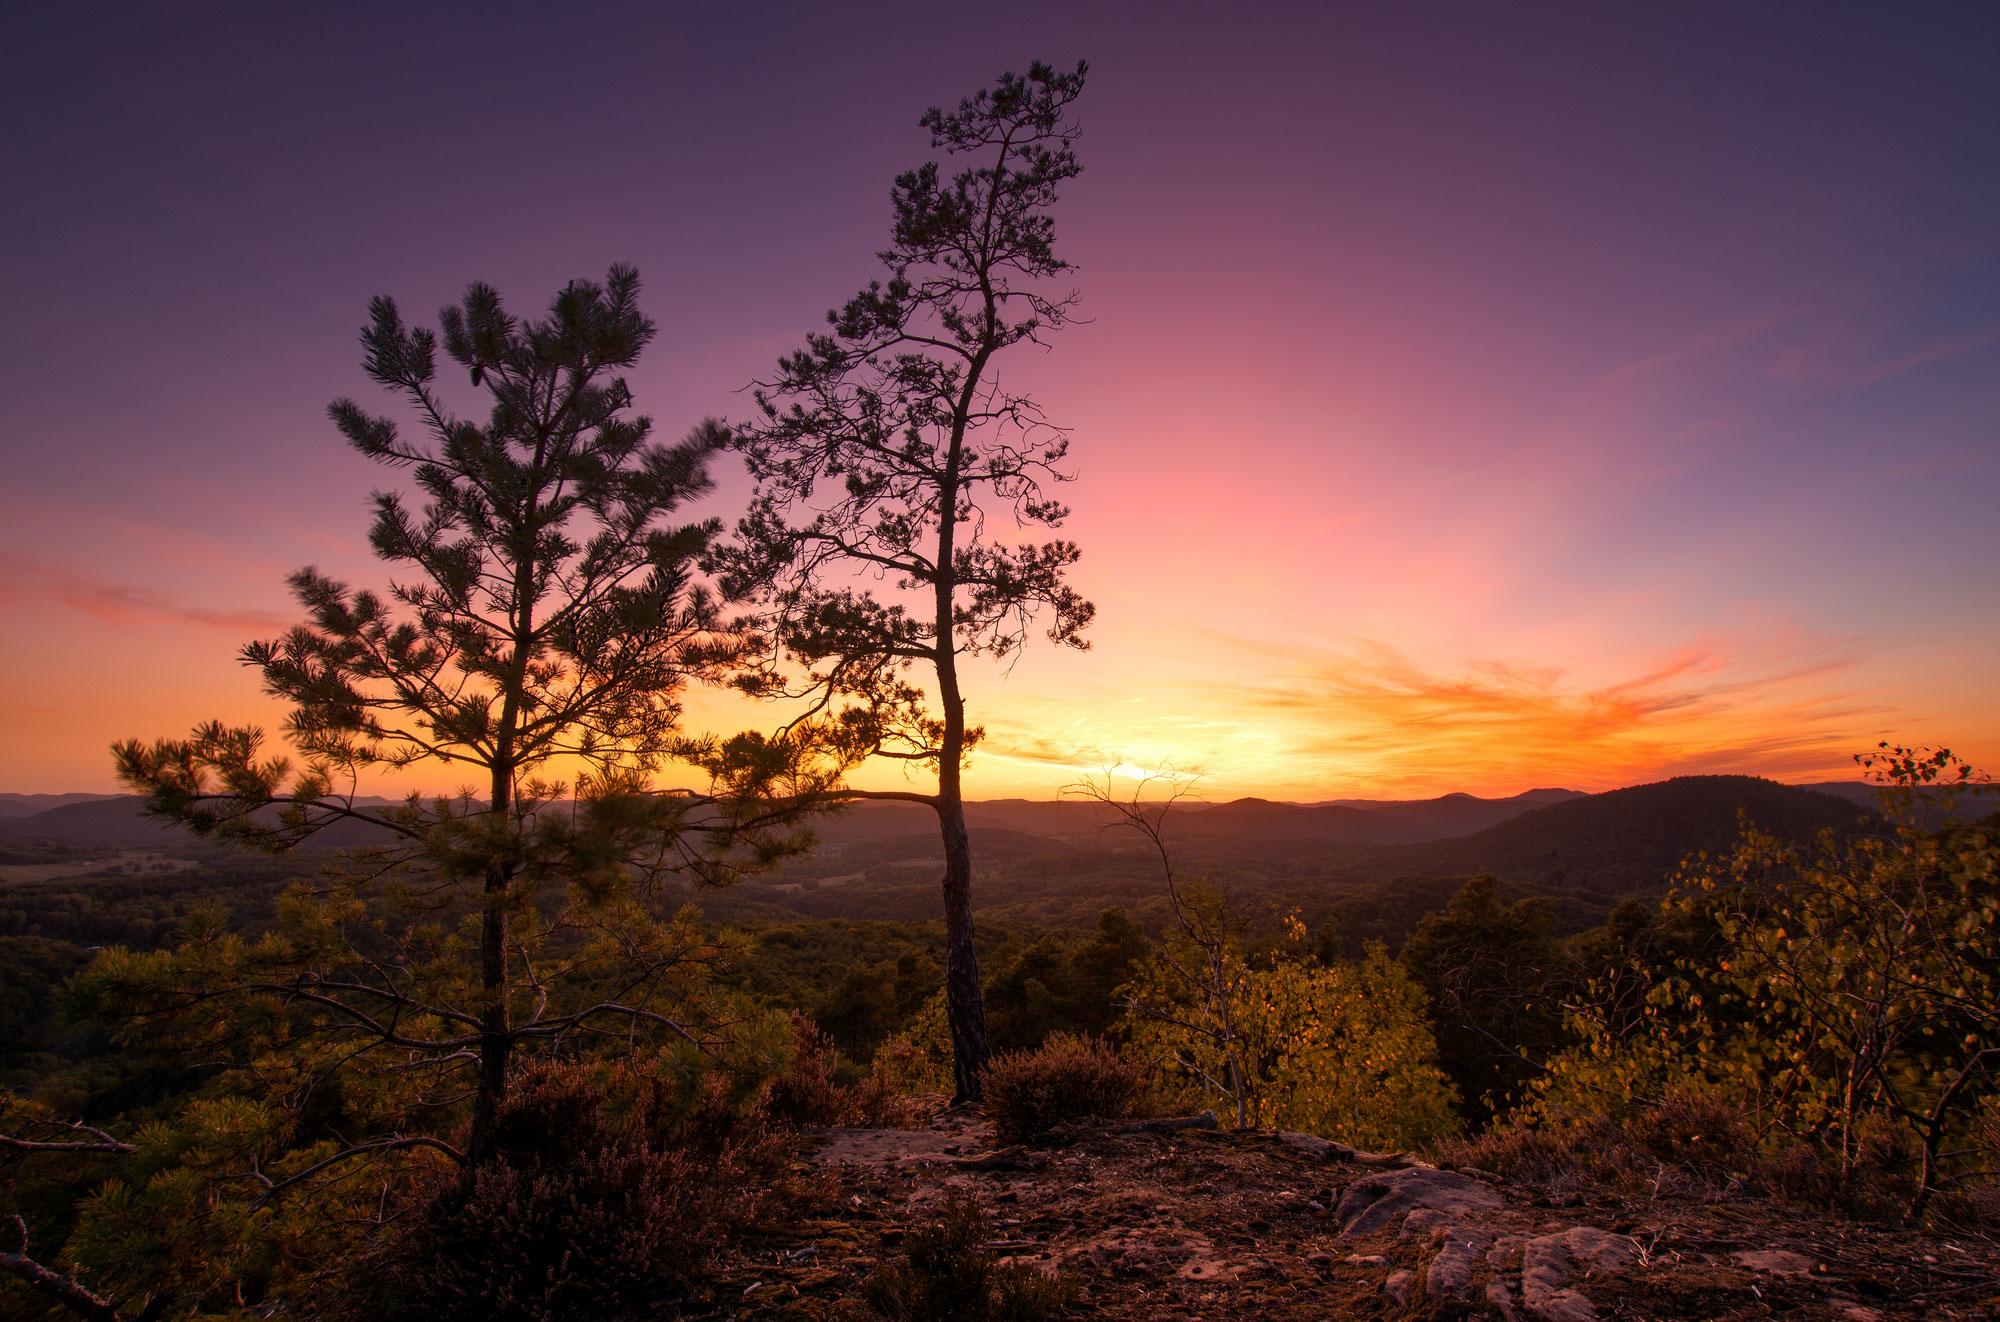 Die 4 schönsten Felsen im Pfälzerwald um den Sonnenuntergang zu fotografieren - Pfalz Fotospots